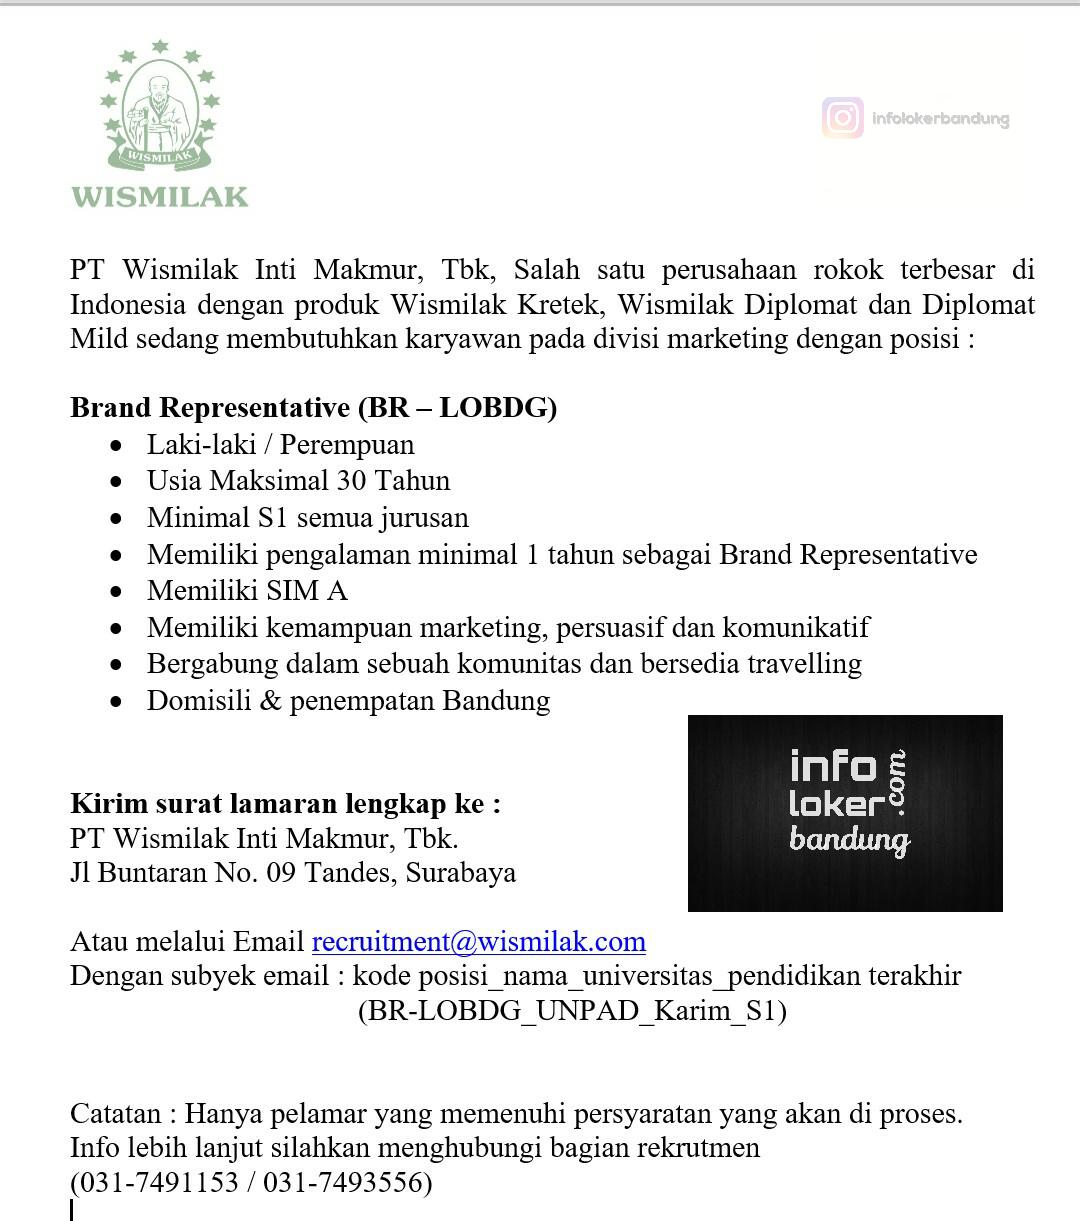 Lowongan Kerja Brand Representative PT Wismilak Inti Makmur, Tbk Bandung Maret 2017